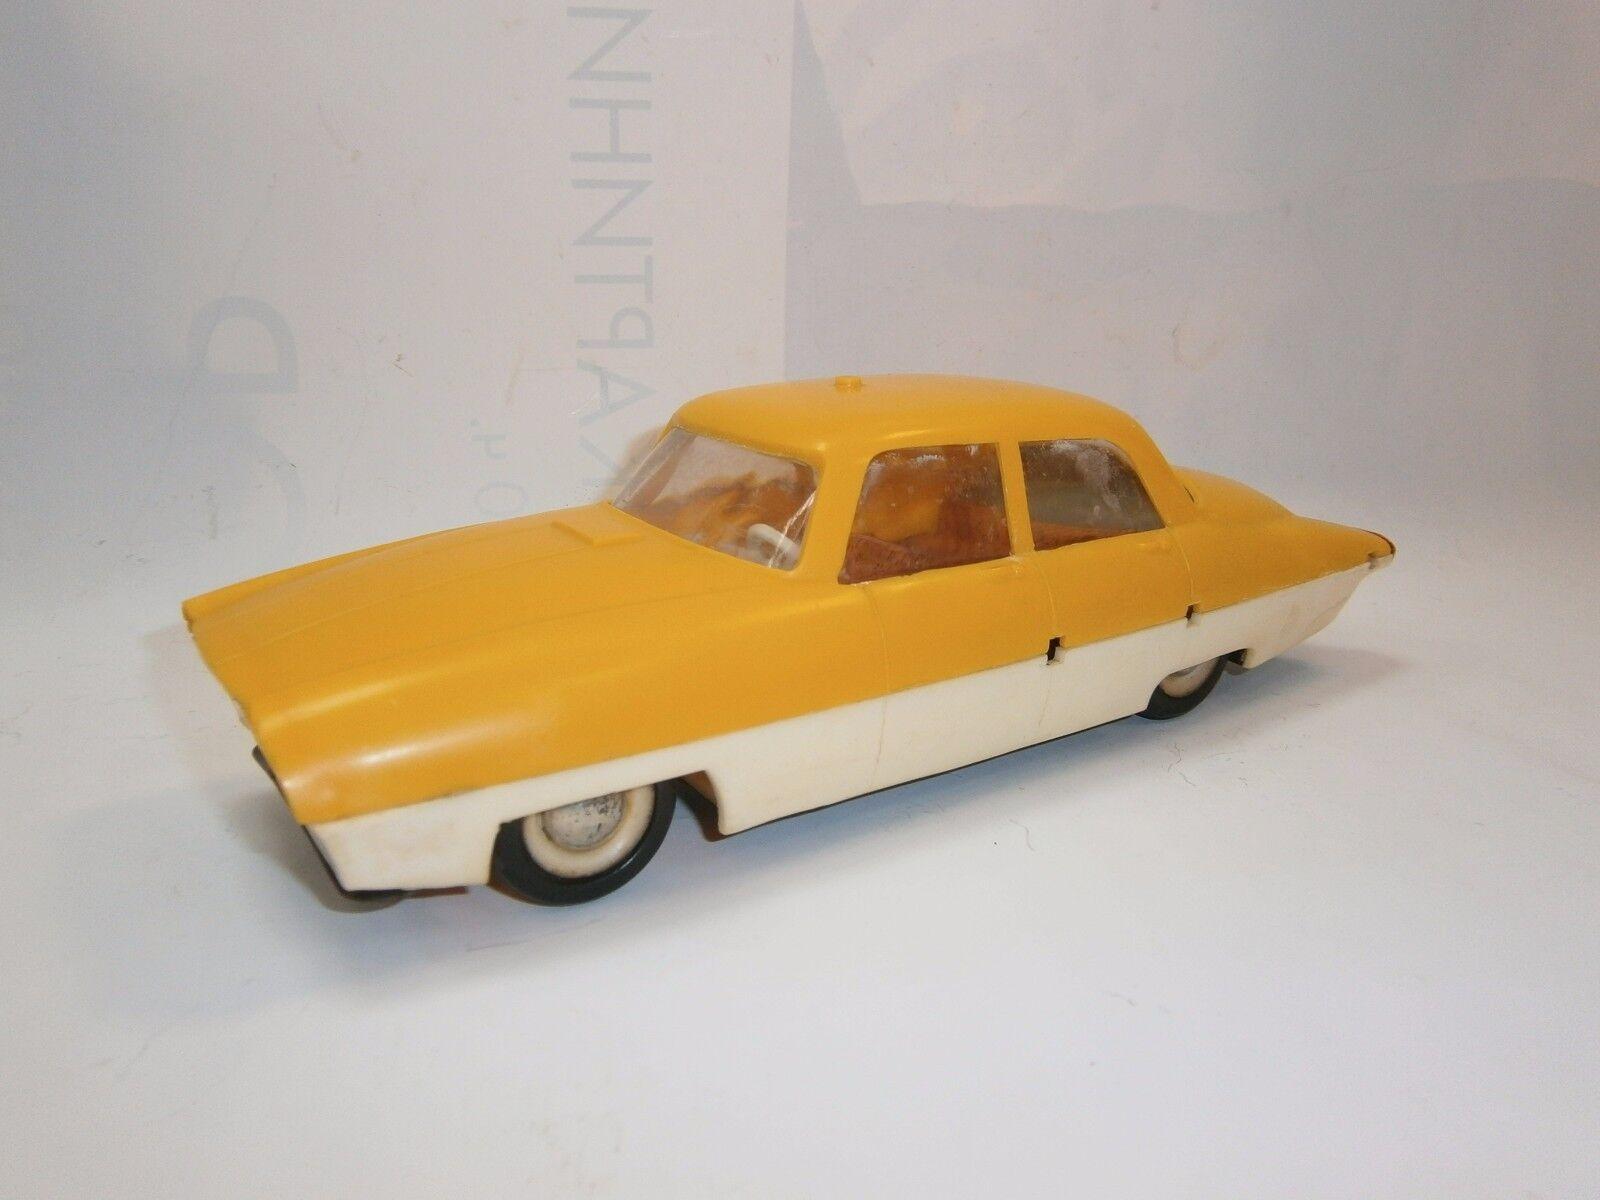 costo real Vintage Vintage Vintage Muy Raro Plástico Rusa Soviética Urss Volga Limusina Coche De Juguete  descuento de bajo precio